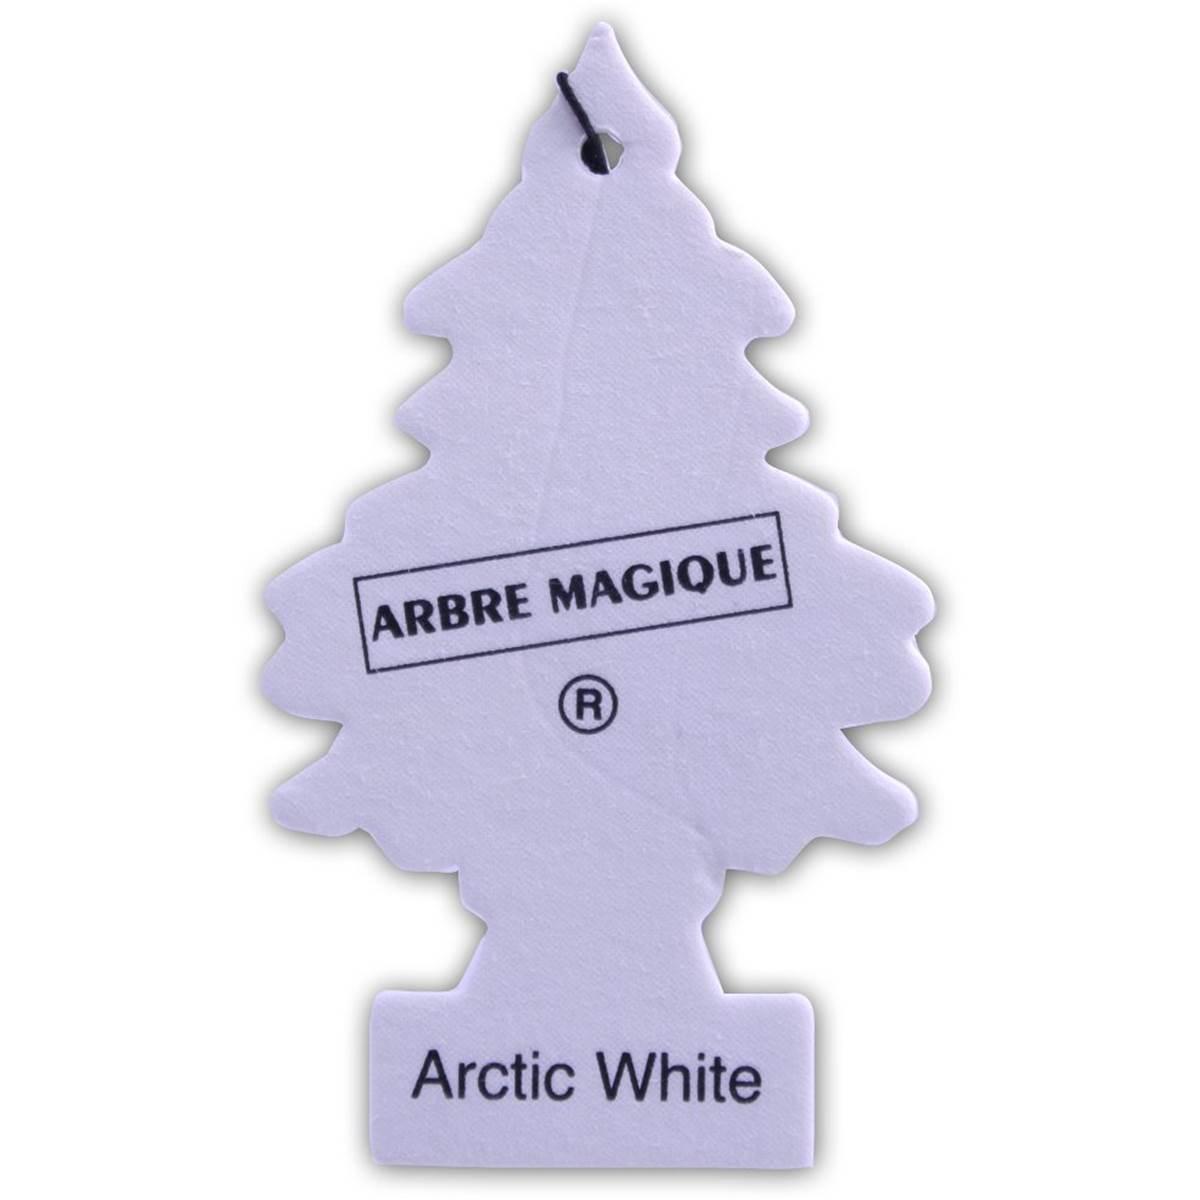 Désodorisant Arbre Magique Senteur Artic White intérieur Arbre Magique Voiture Personnalisé